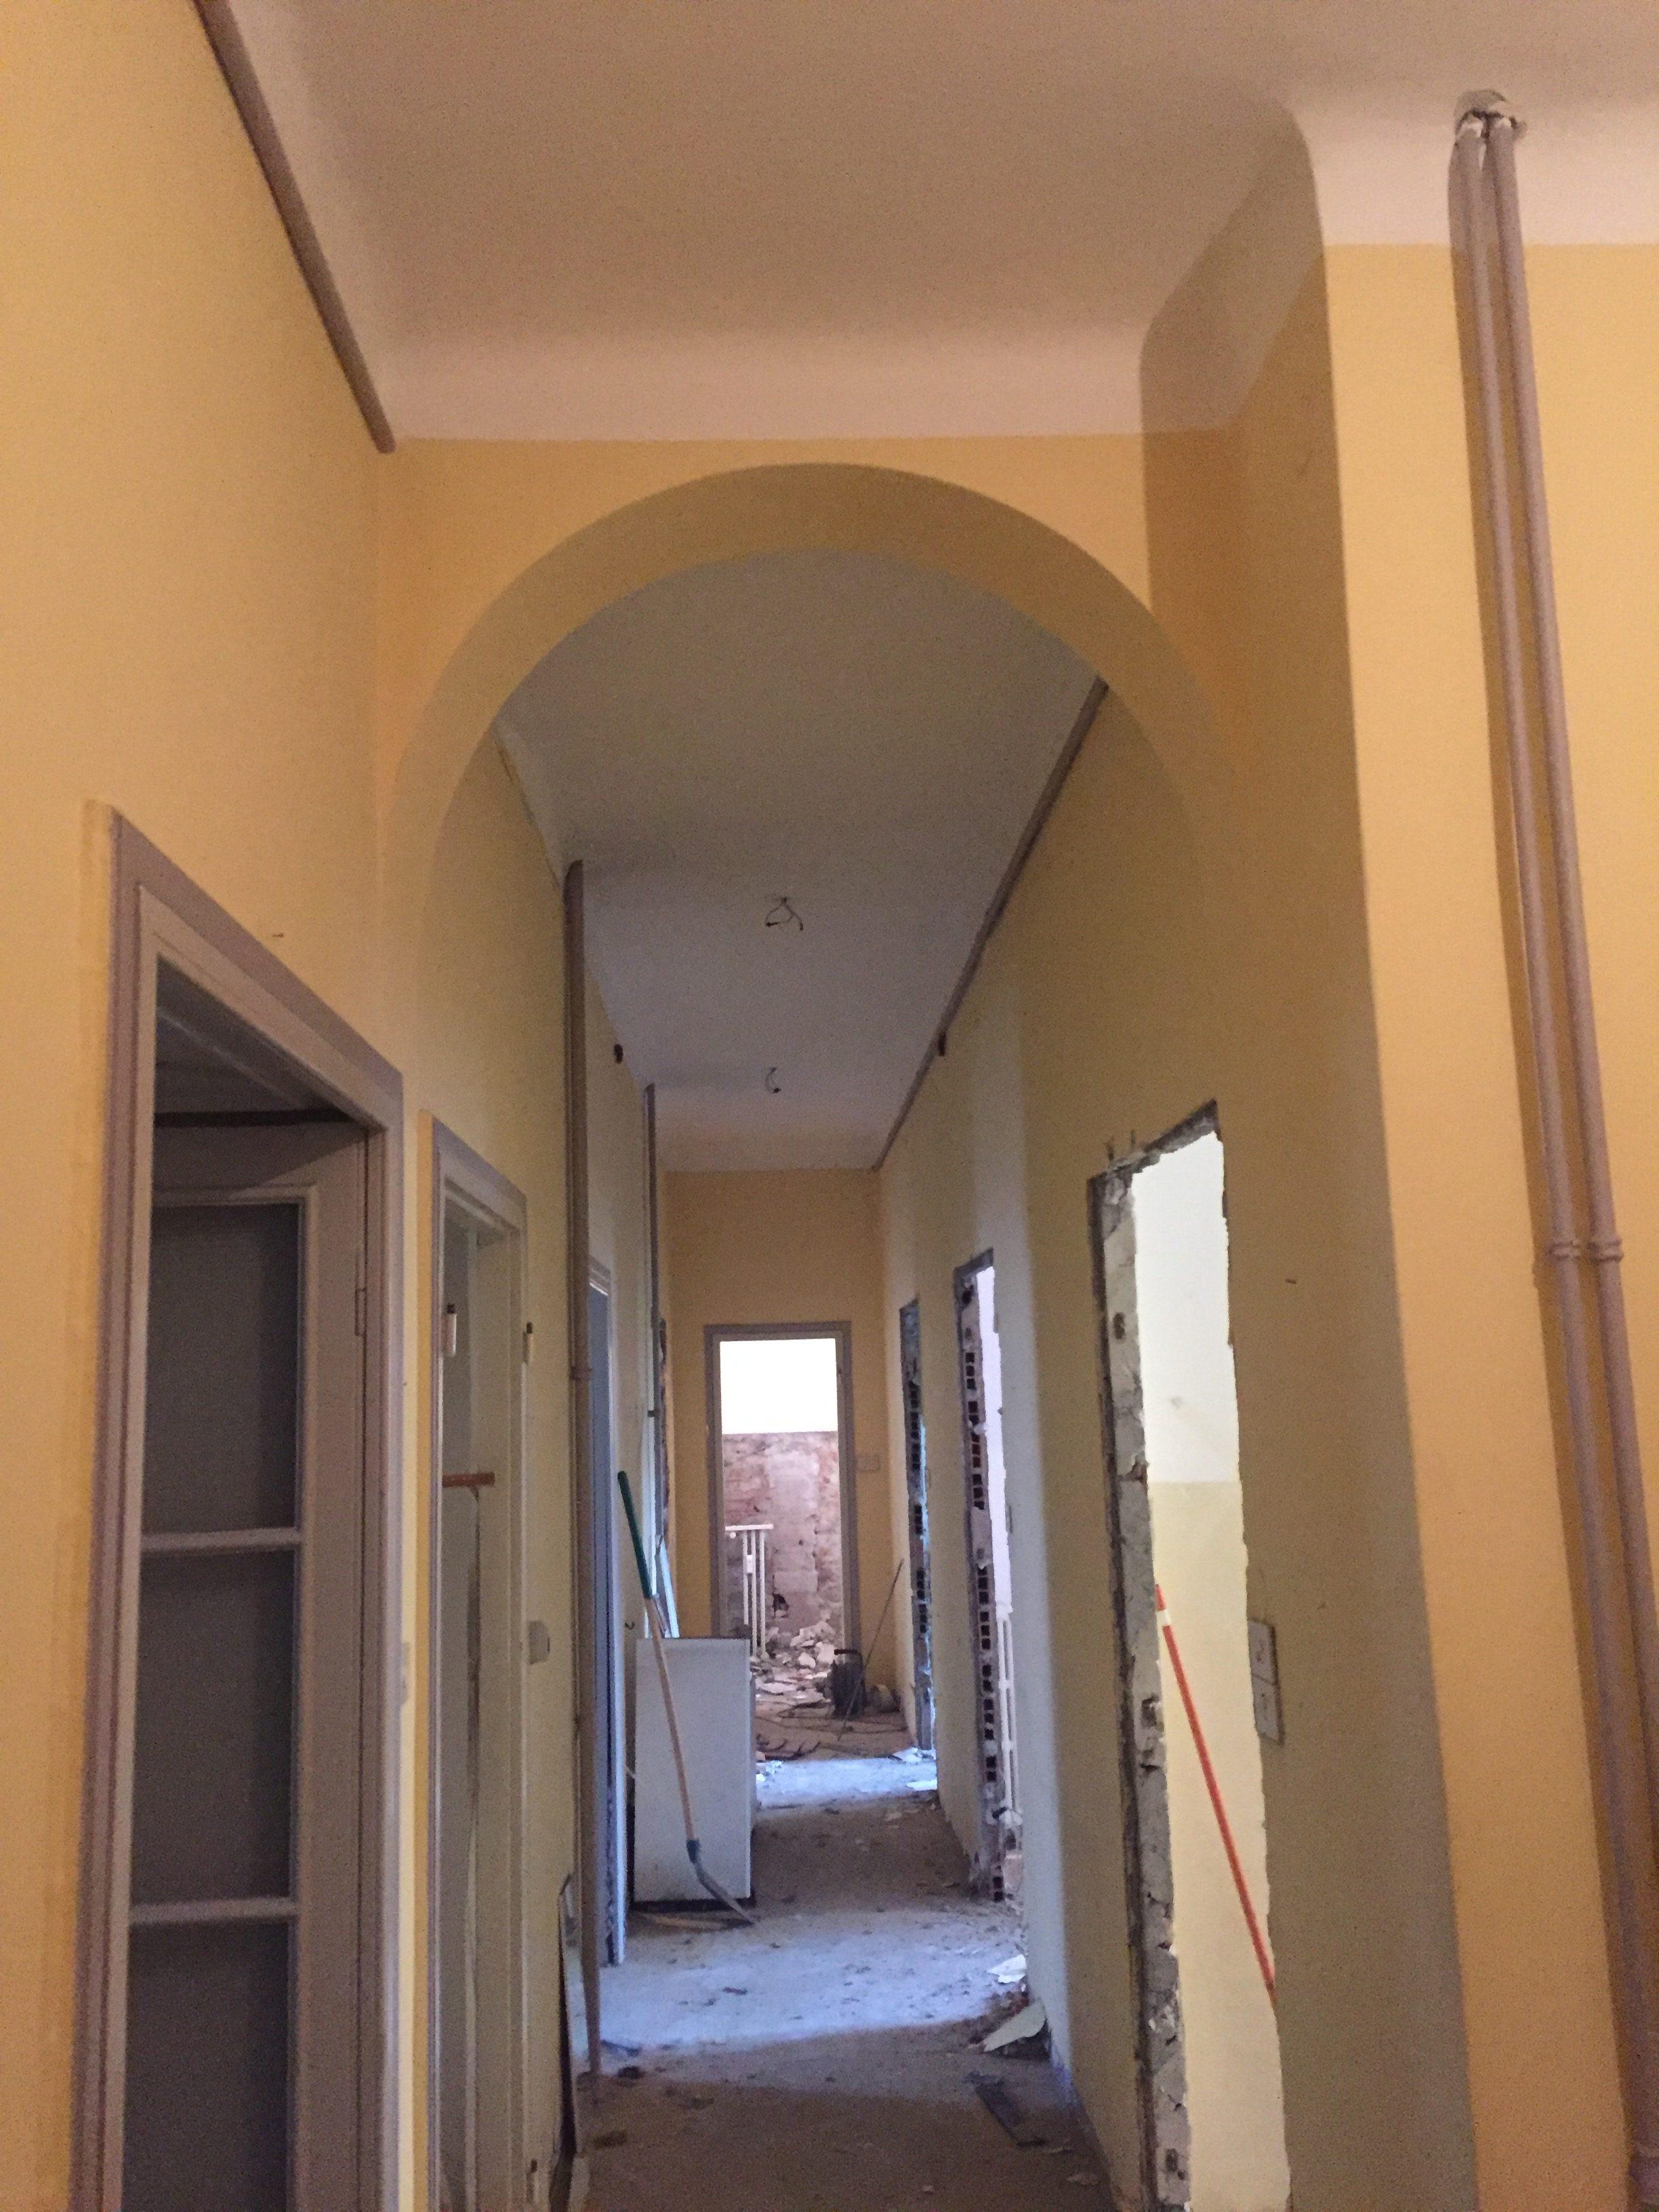 Ristrutturazione ville antiche milano for Ristrutturazione case antiche interne